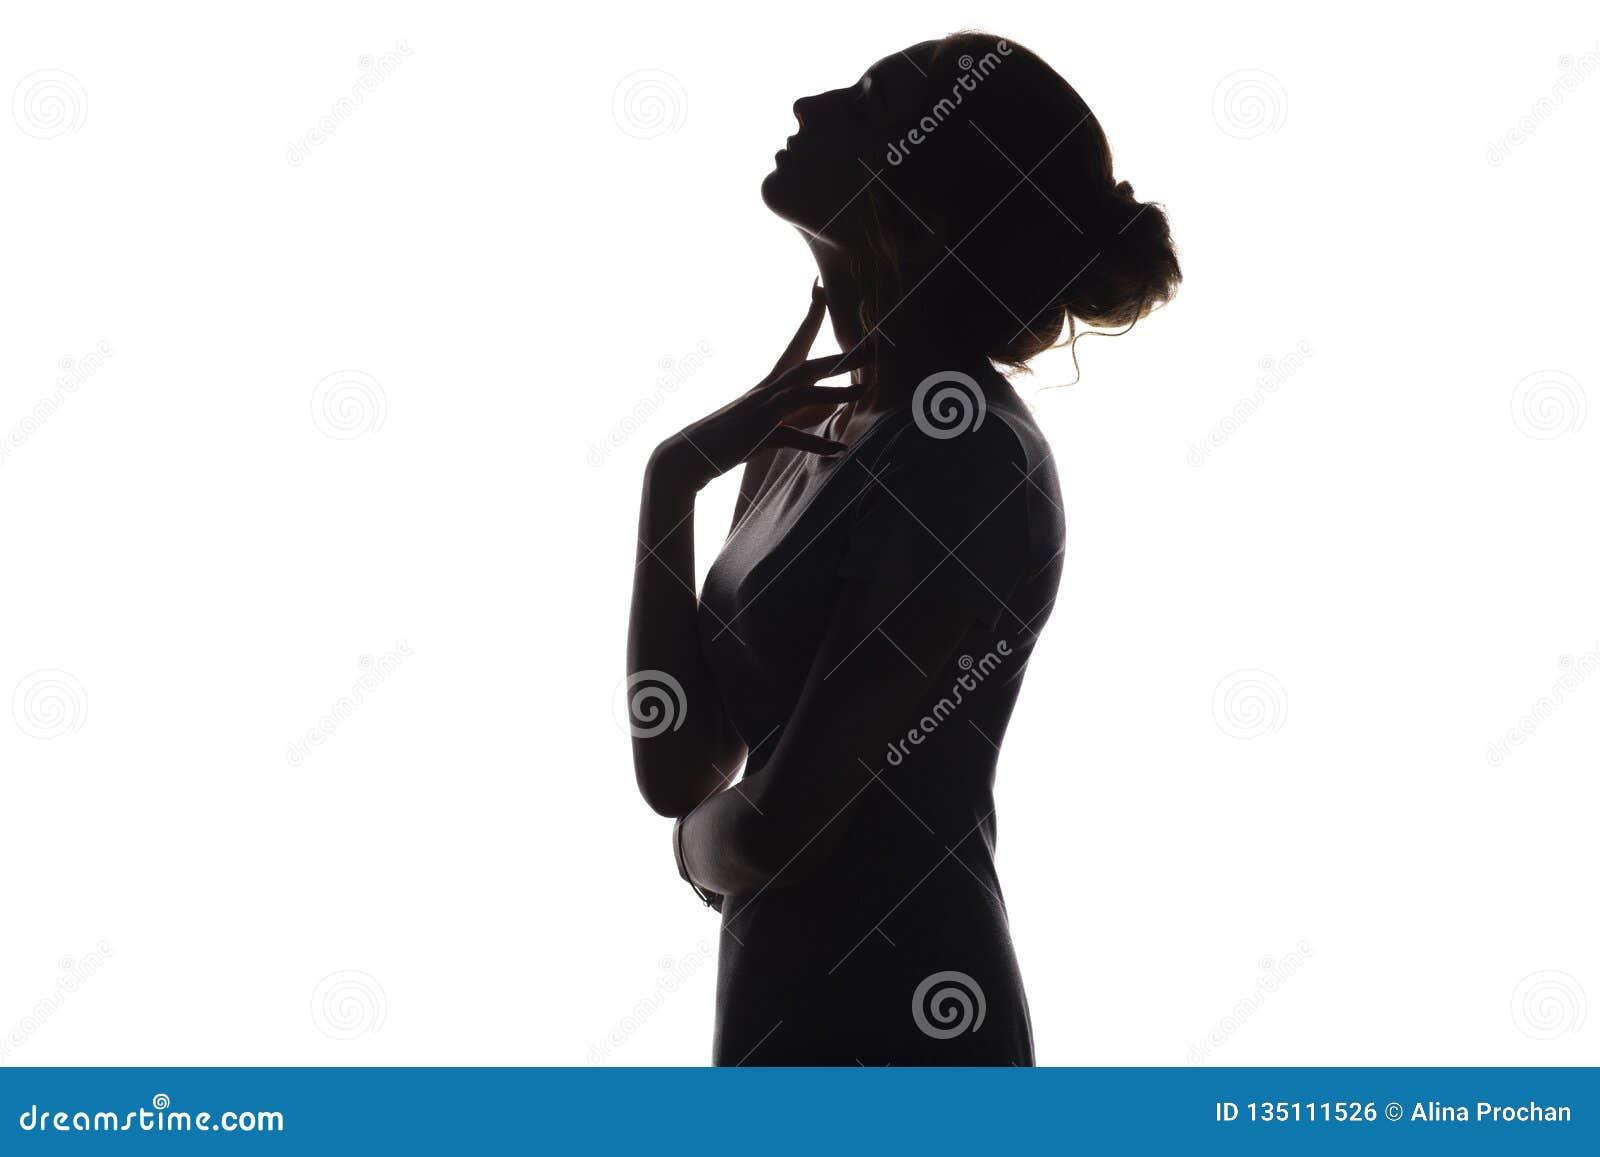 Silhouet van mooi meisje, het profiel van het vrouwengezicht op wit geïsoleerde achtergrond, concept schoonheid en manier